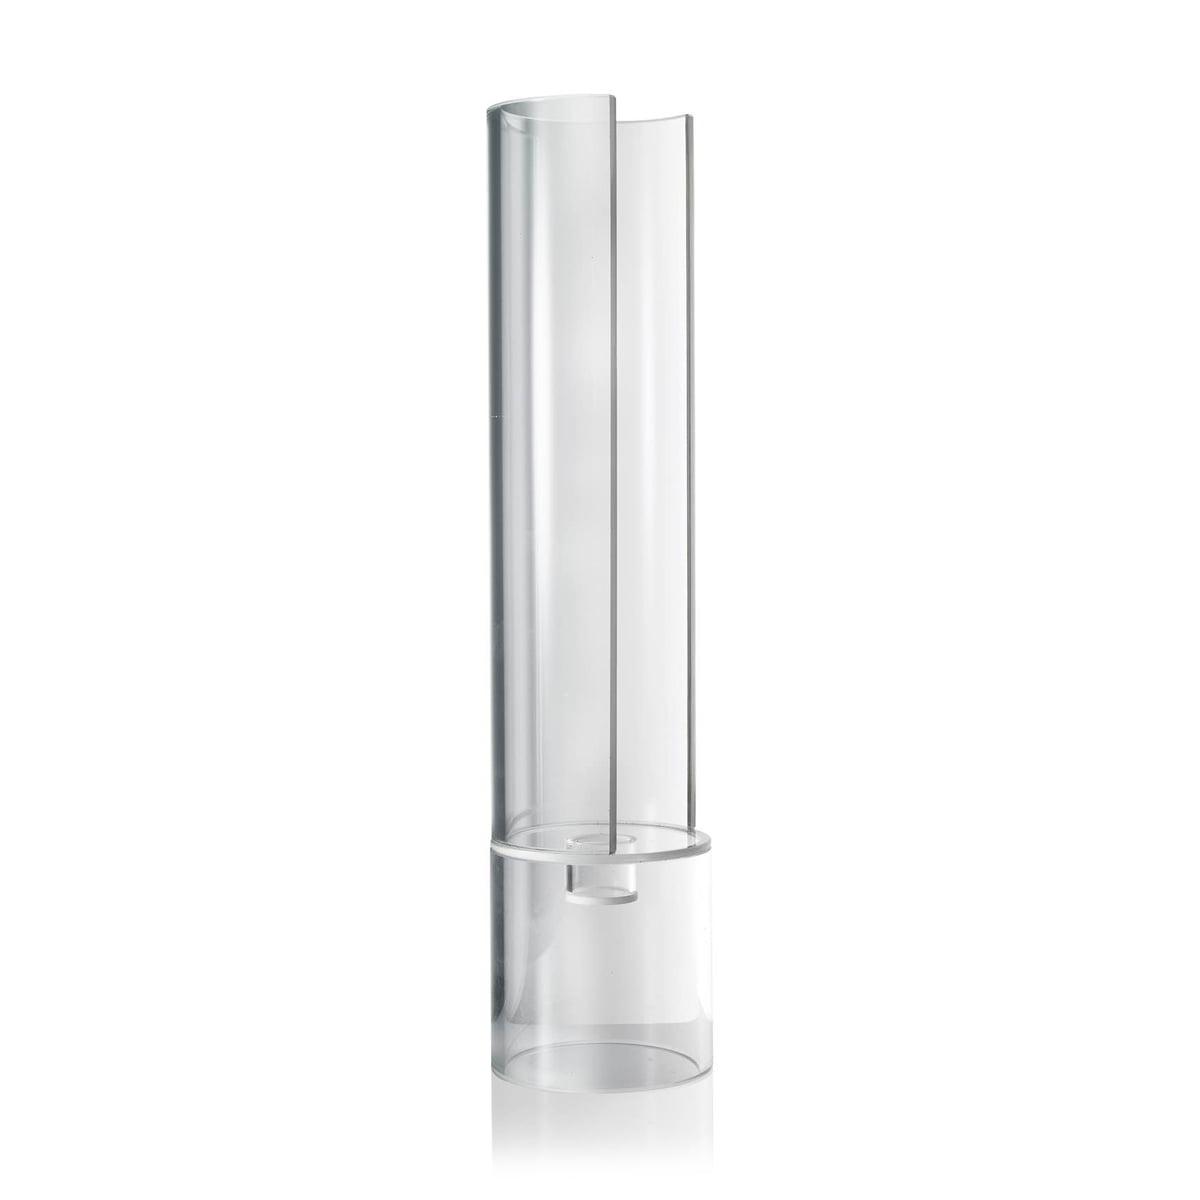 Auerberg - Windlicht Gerhard | Dekoration > Kerzen und Kerzenständer > Windlichter | Transparent -  durchsichtig | Borosilikat-glas | Auerberg